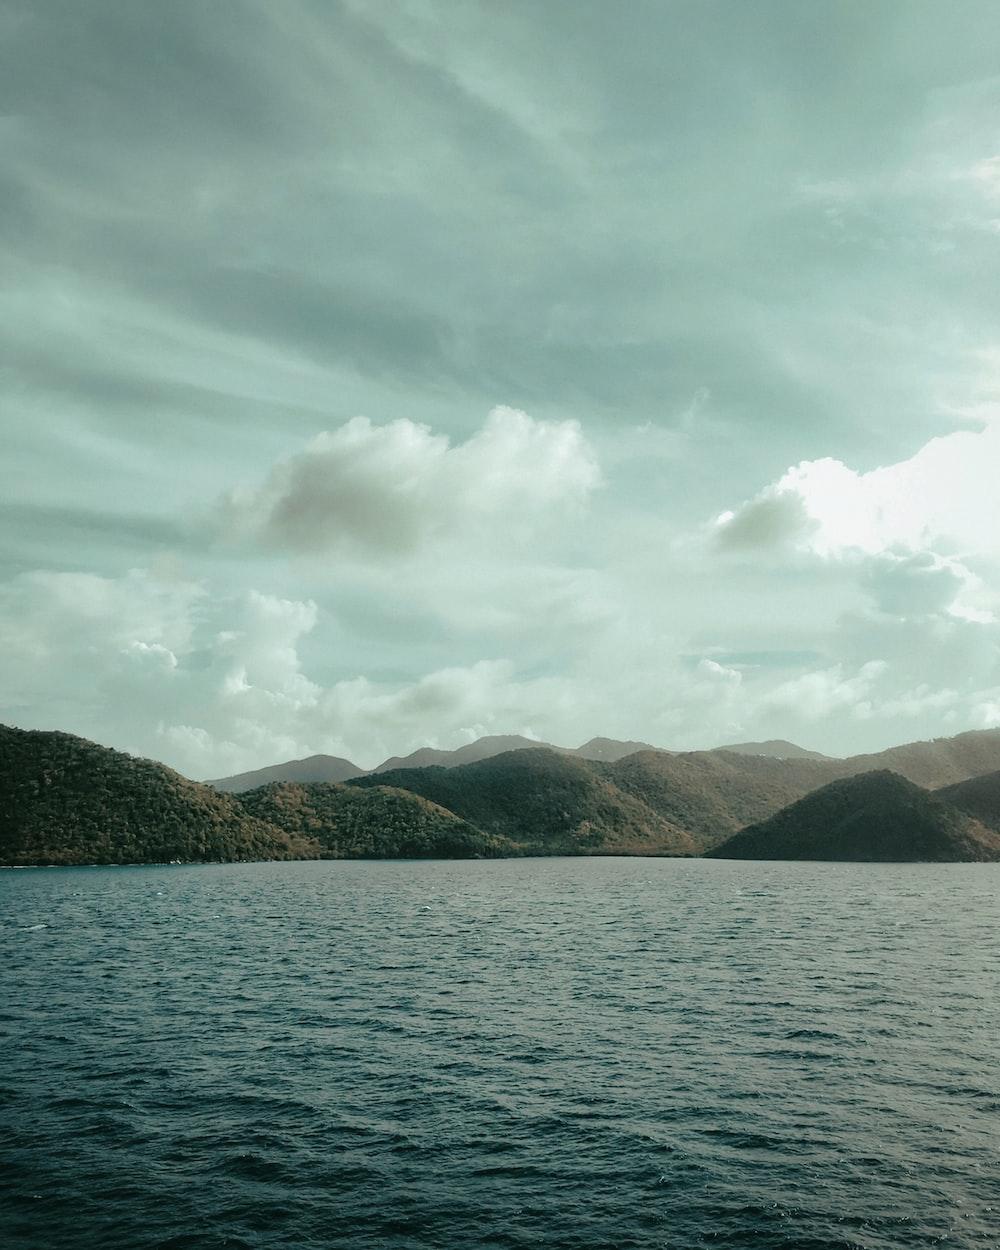 hills near lake